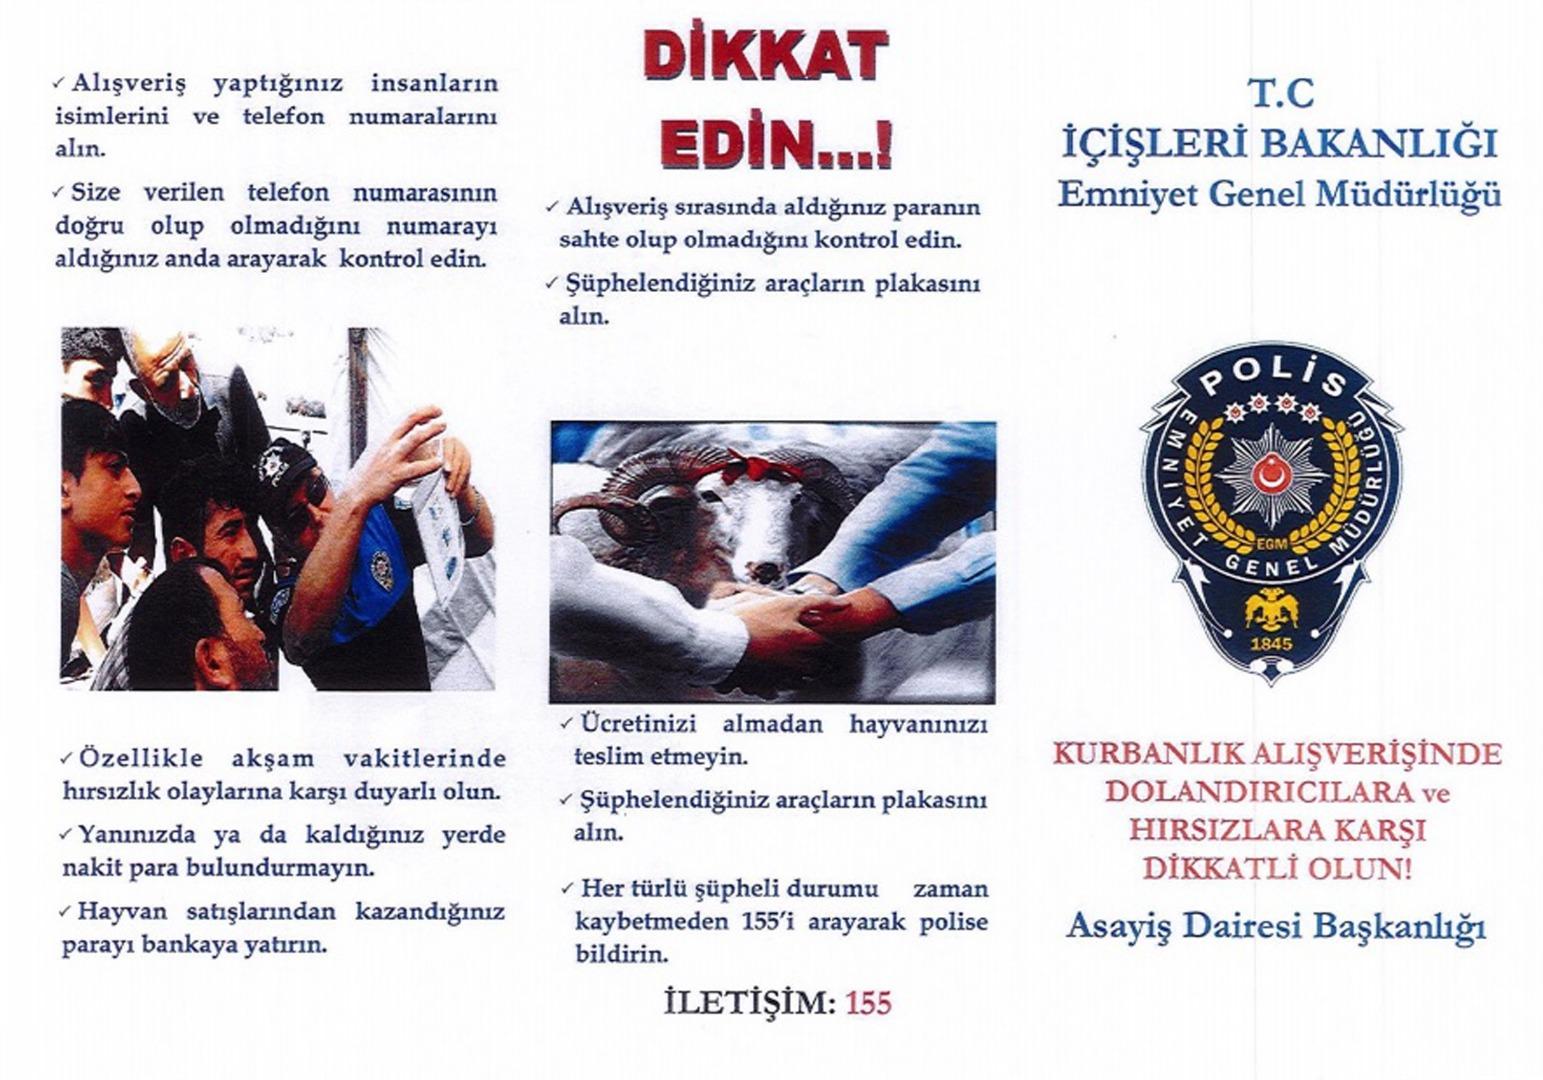 Polis dolandırıcılara karşı kurban satıcılarını broşürlerle bilgilendiriyor